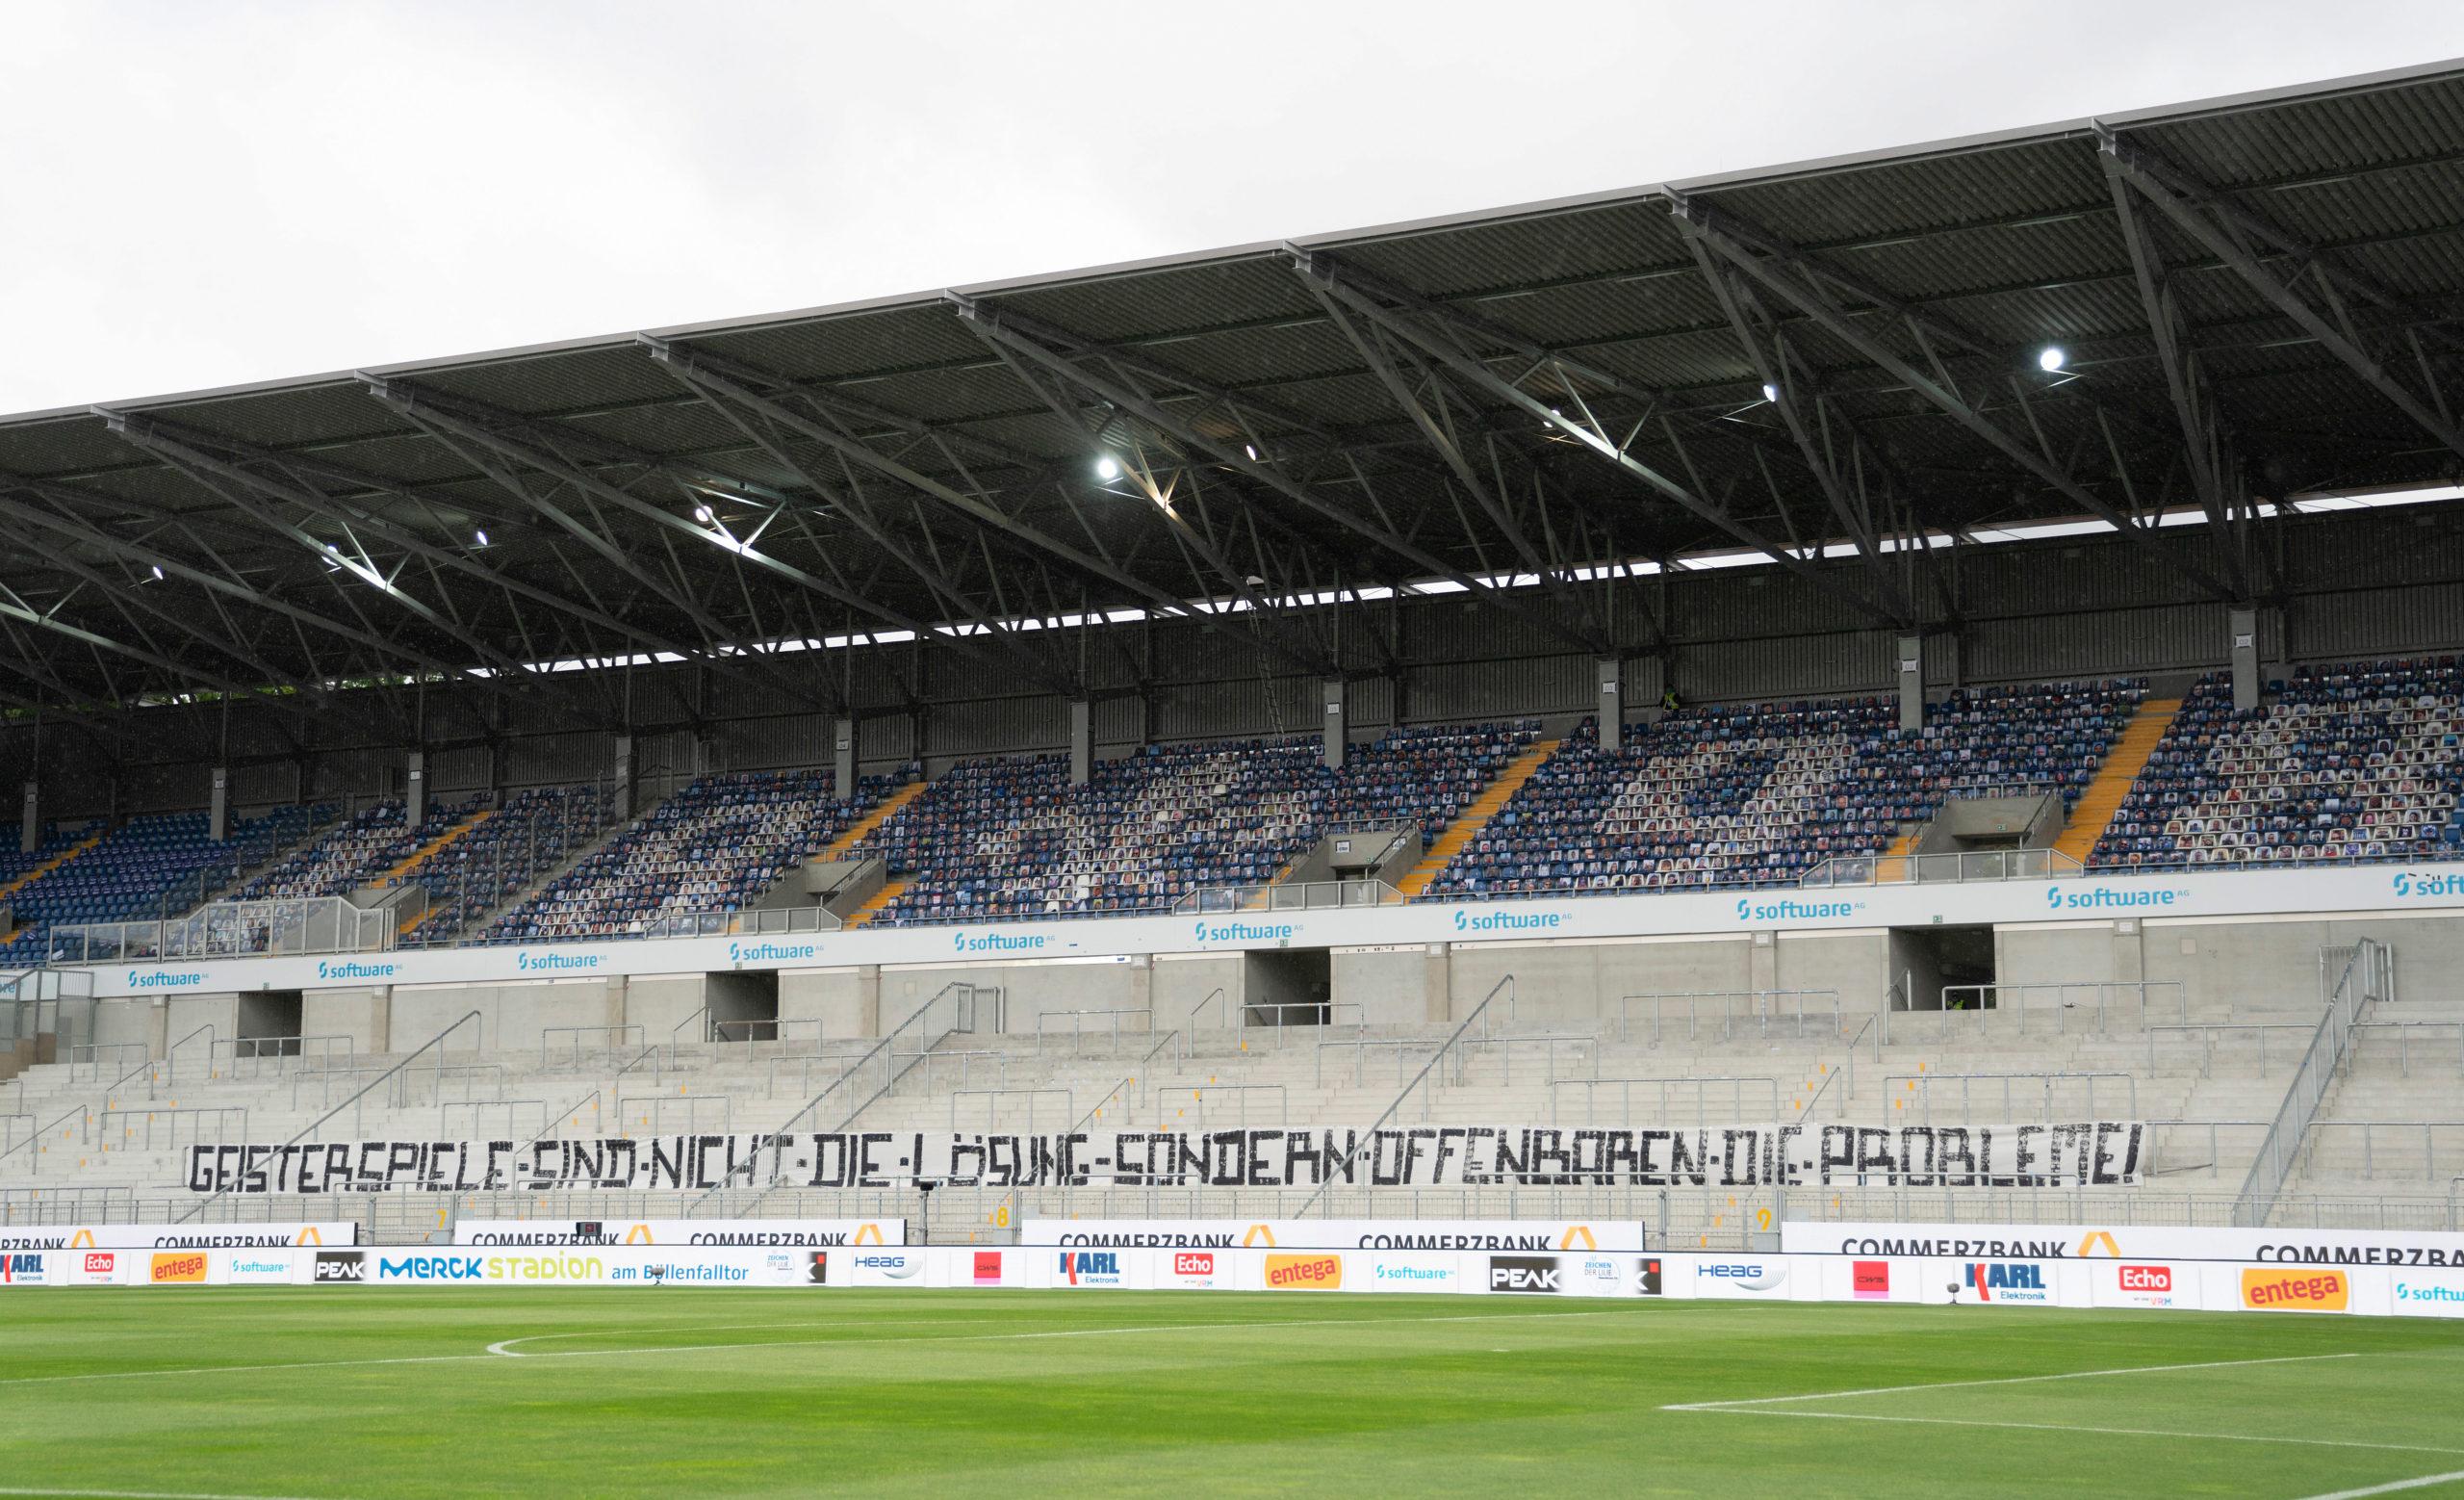 Nach dem Spiel – SV Darmstadt 98 (A) – Spieltag 27 – Saison 2019/20